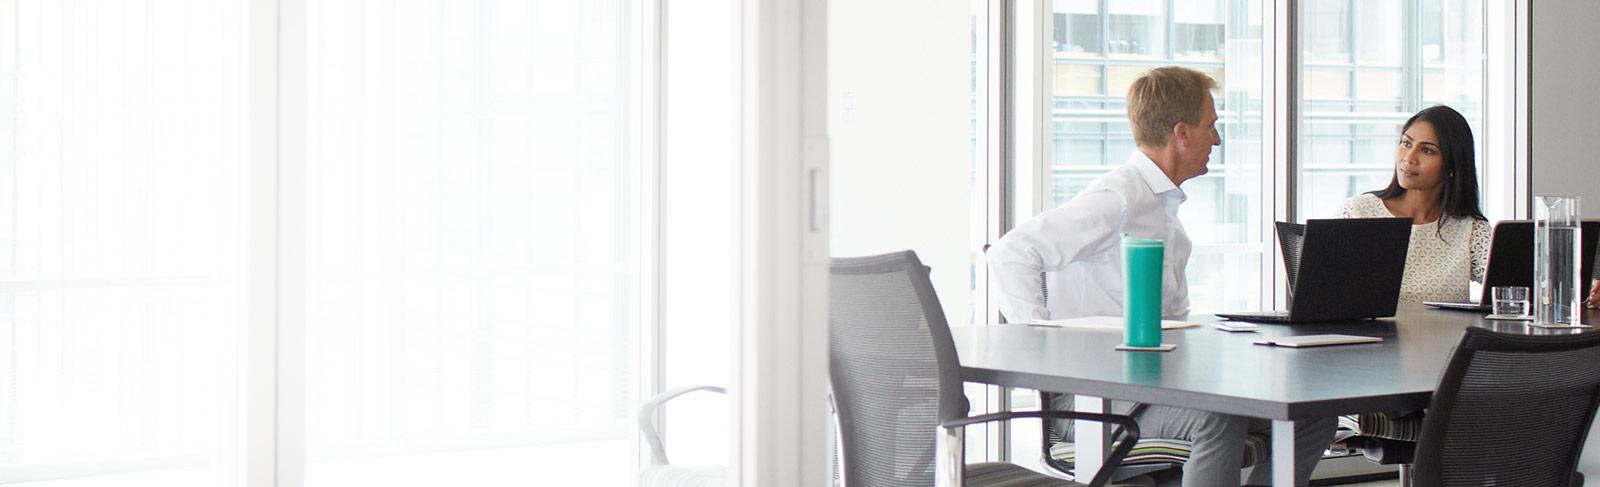 Due uomini che usano Office 365 Enterprise E3 sui loro portatili in una sala riunioni.